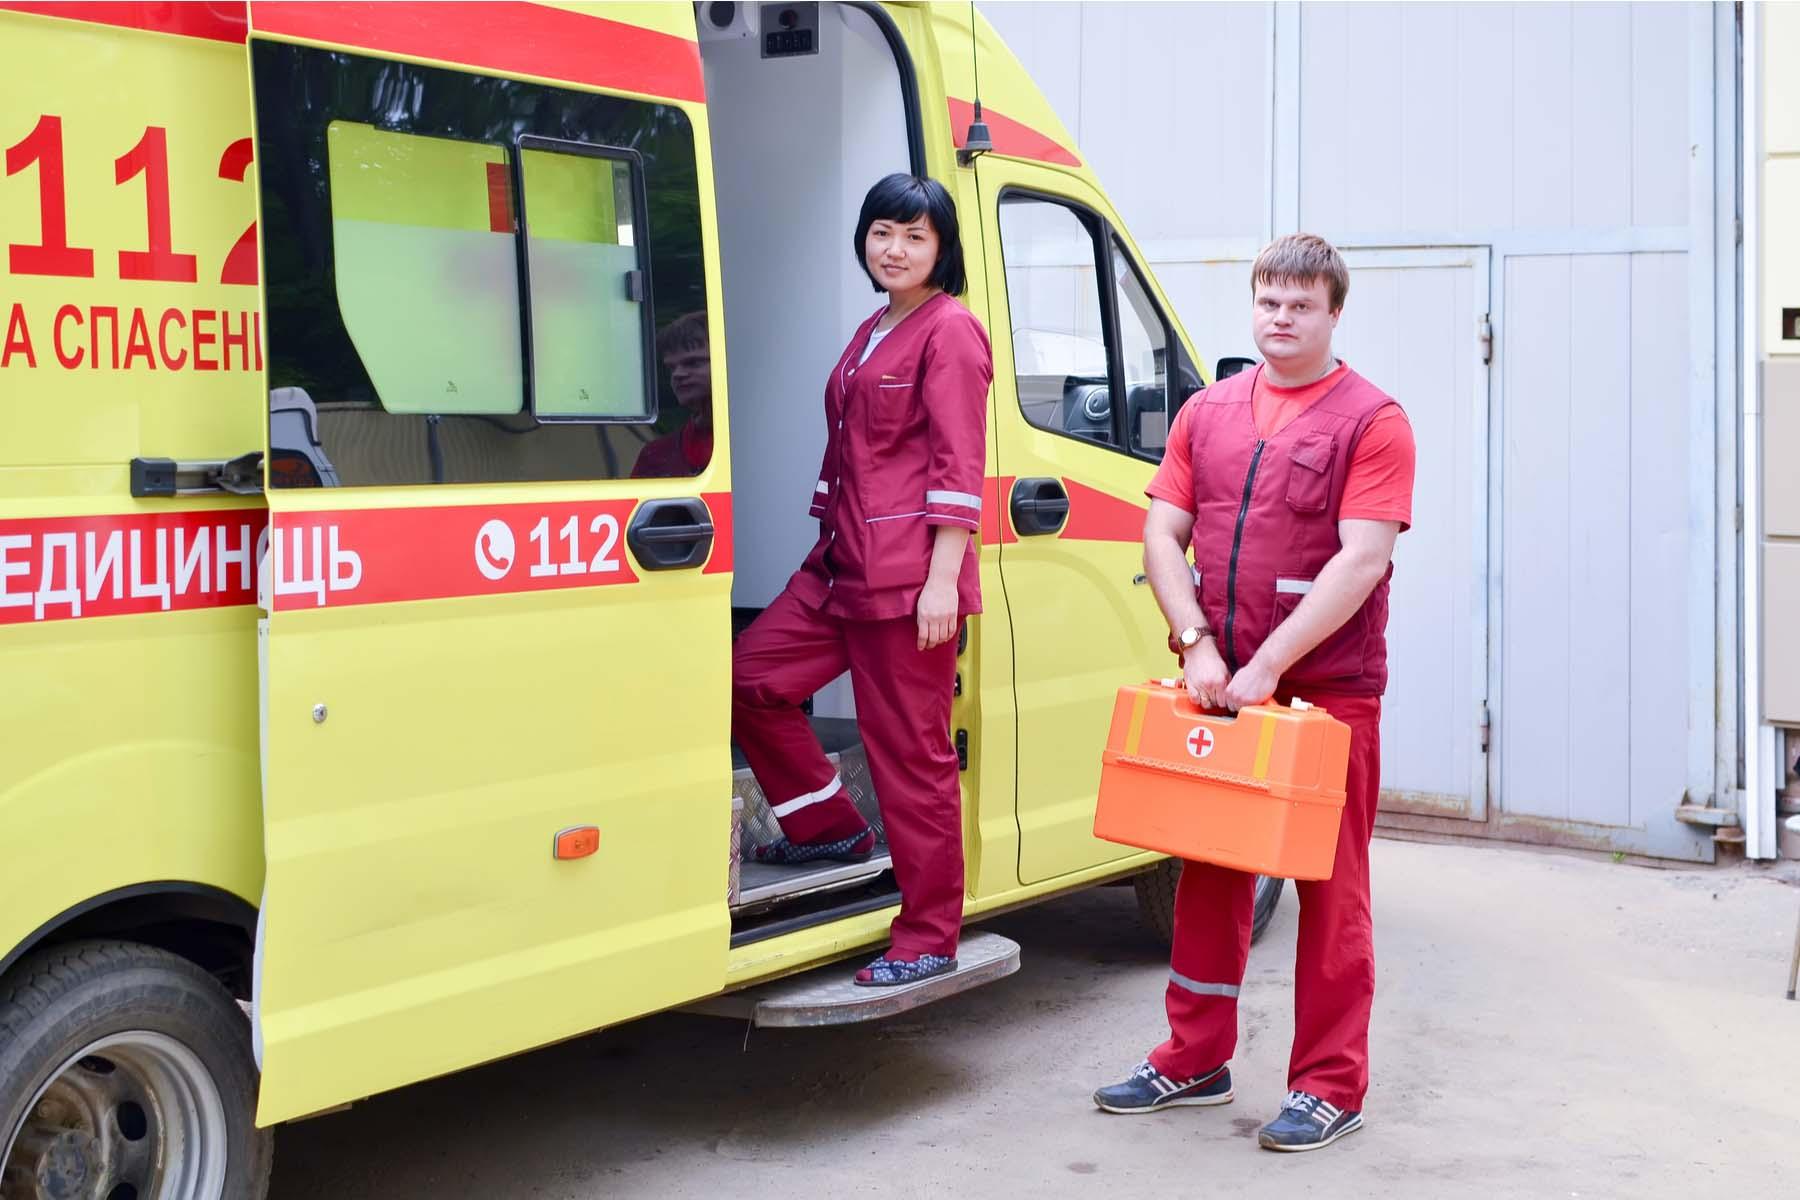 ambulance russia